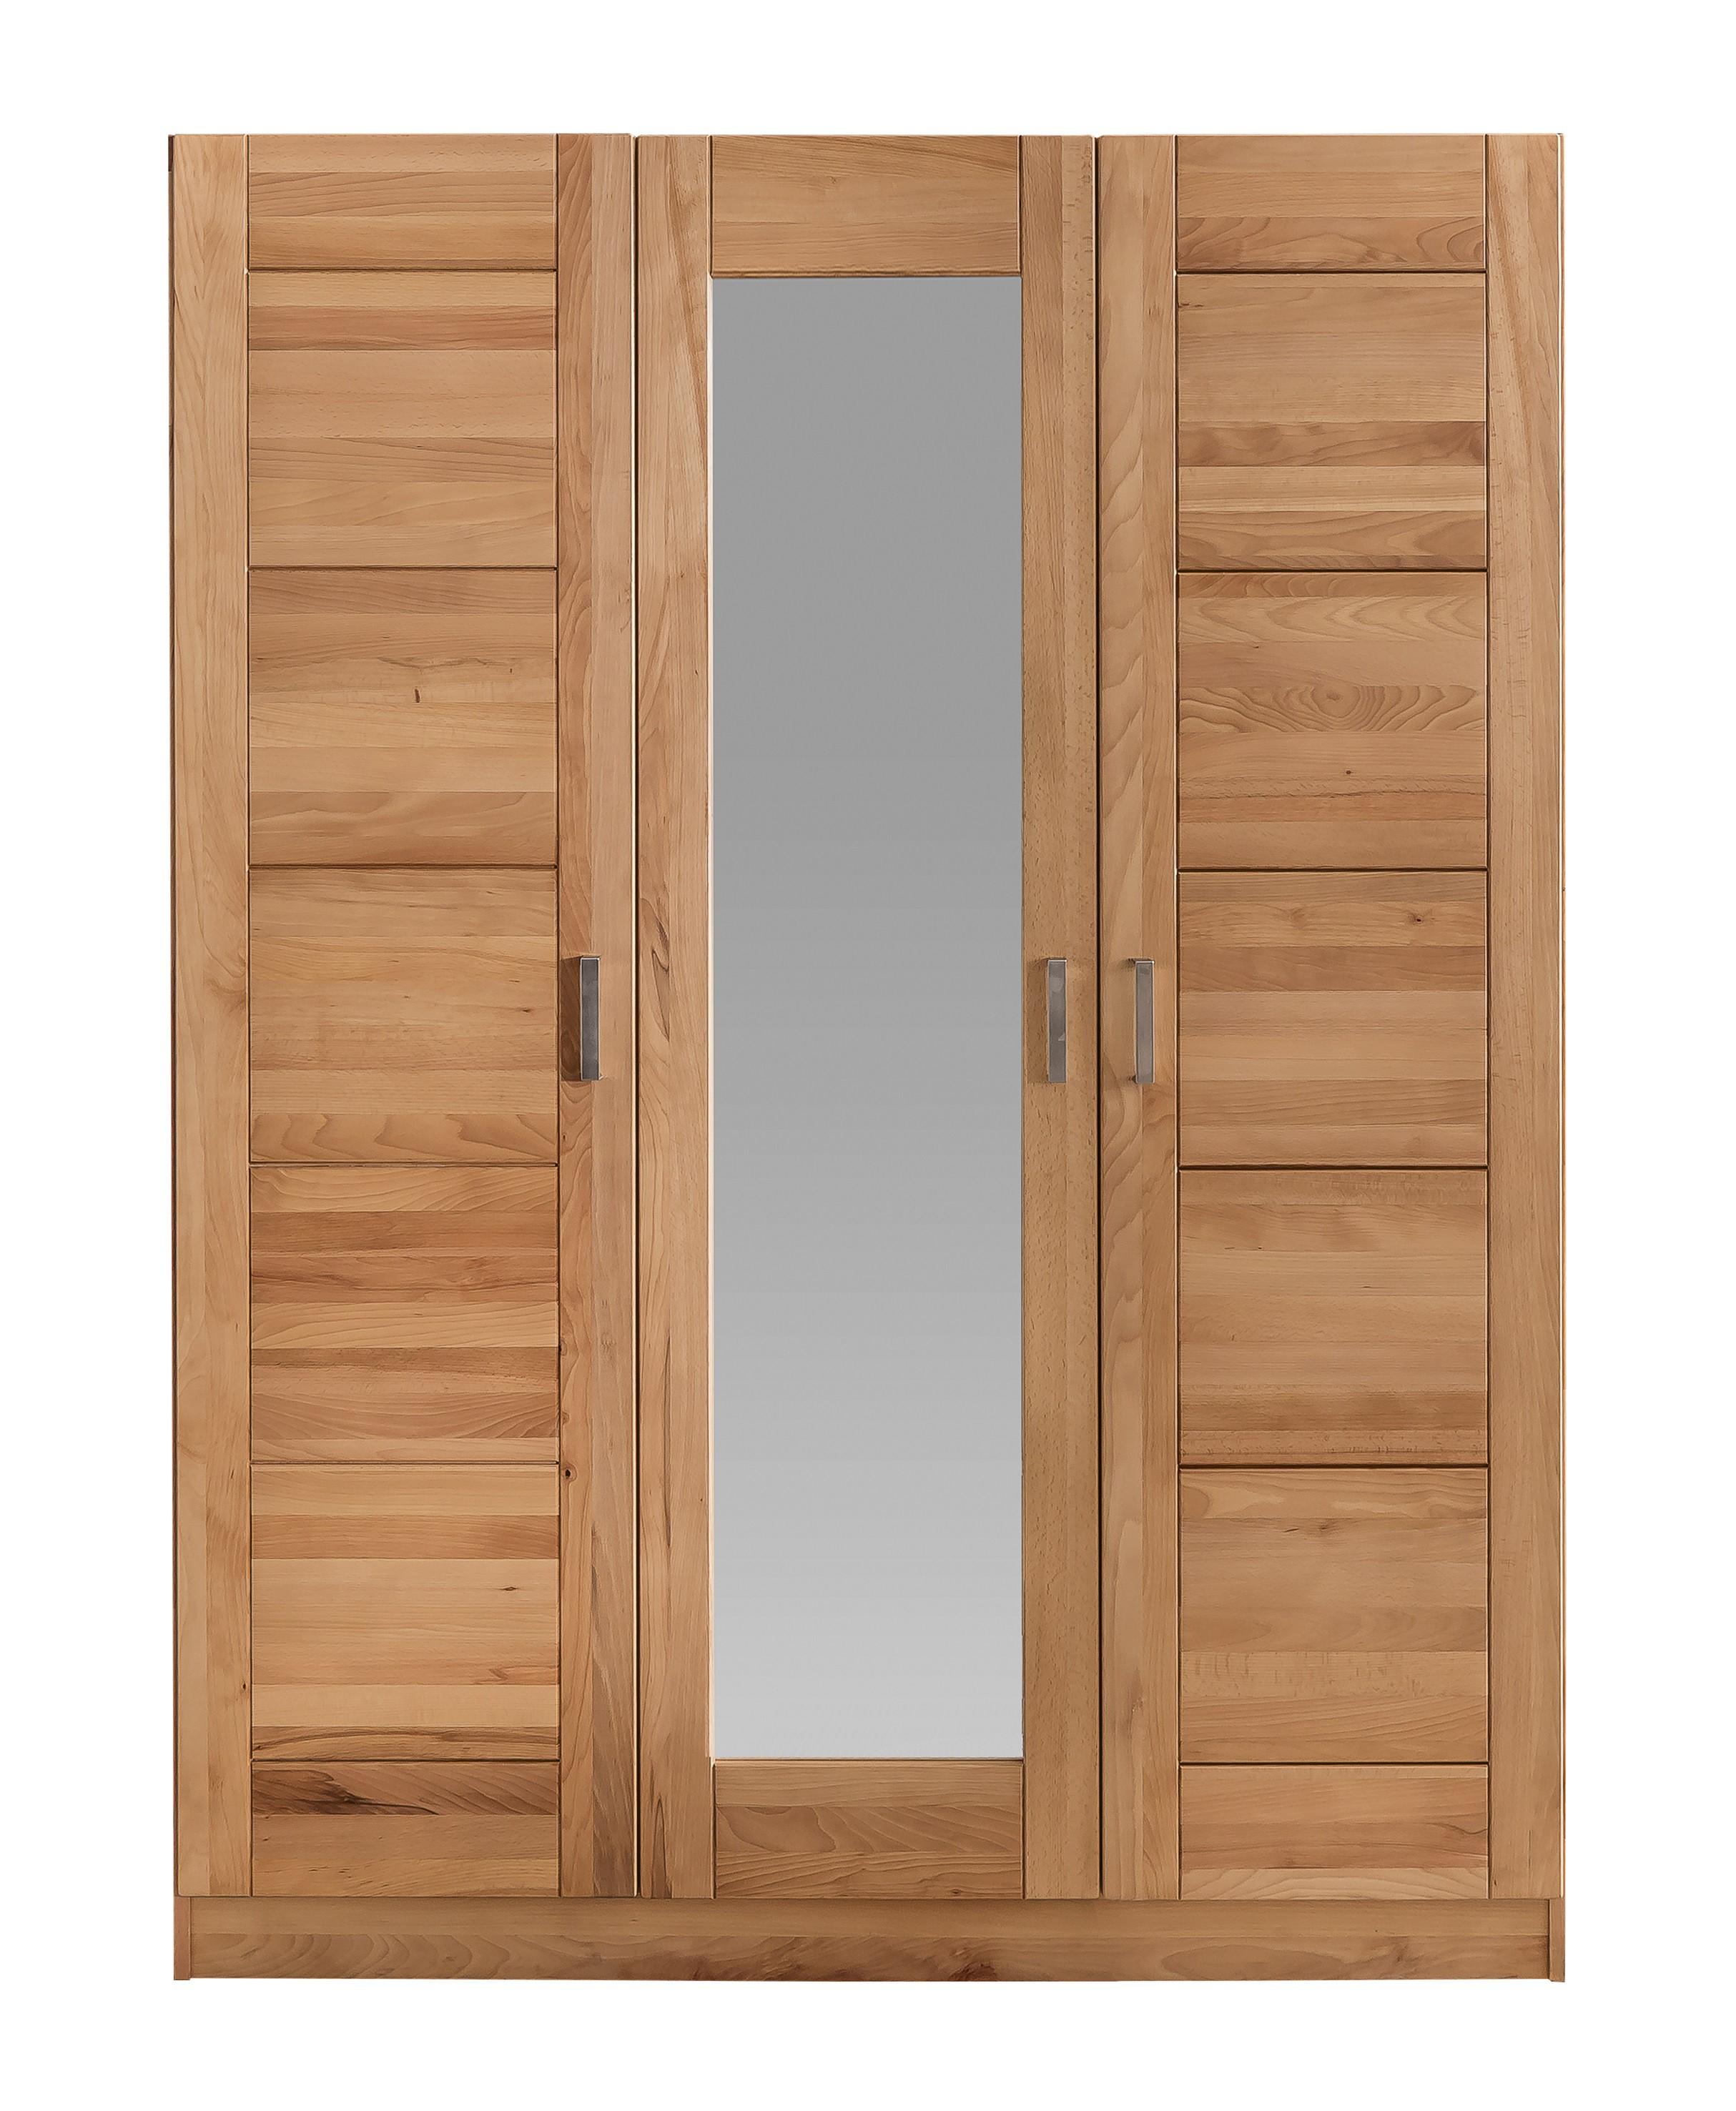 kleiderschrank tollow kernbuche massiv ge lt 3 t rig mit spiegel exklusiv. Black Bedroom Furniture Sets. Home Design Ideas